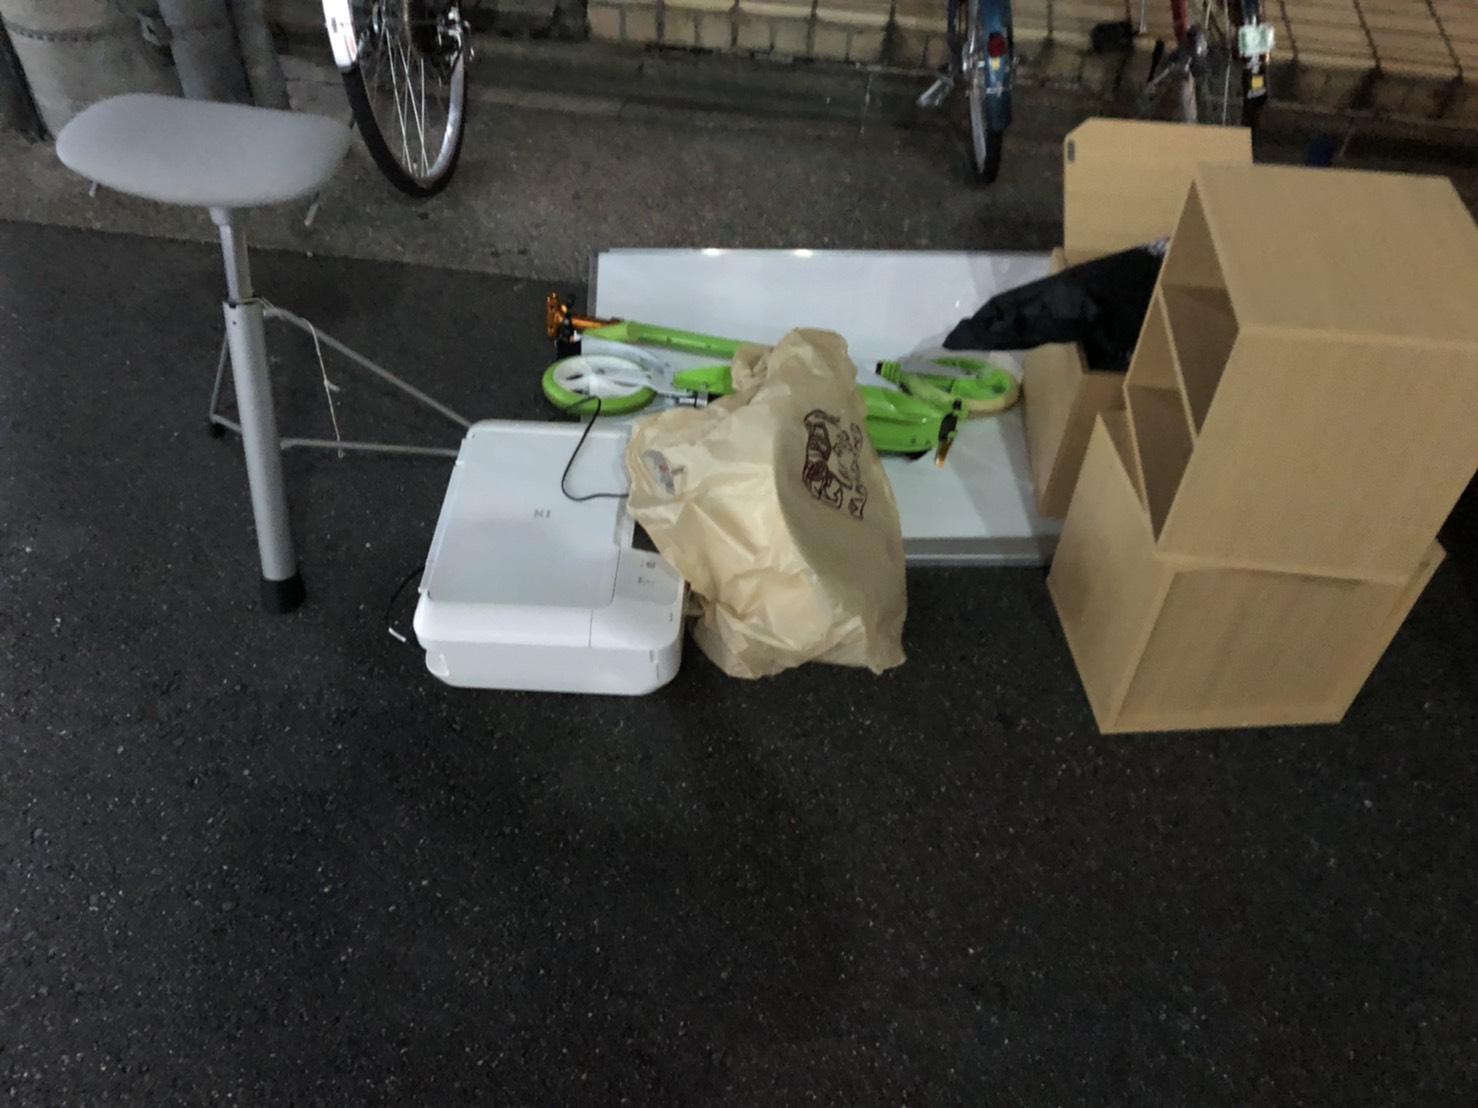 プリンター、キックボード、椅子、カラーボックスの回収前